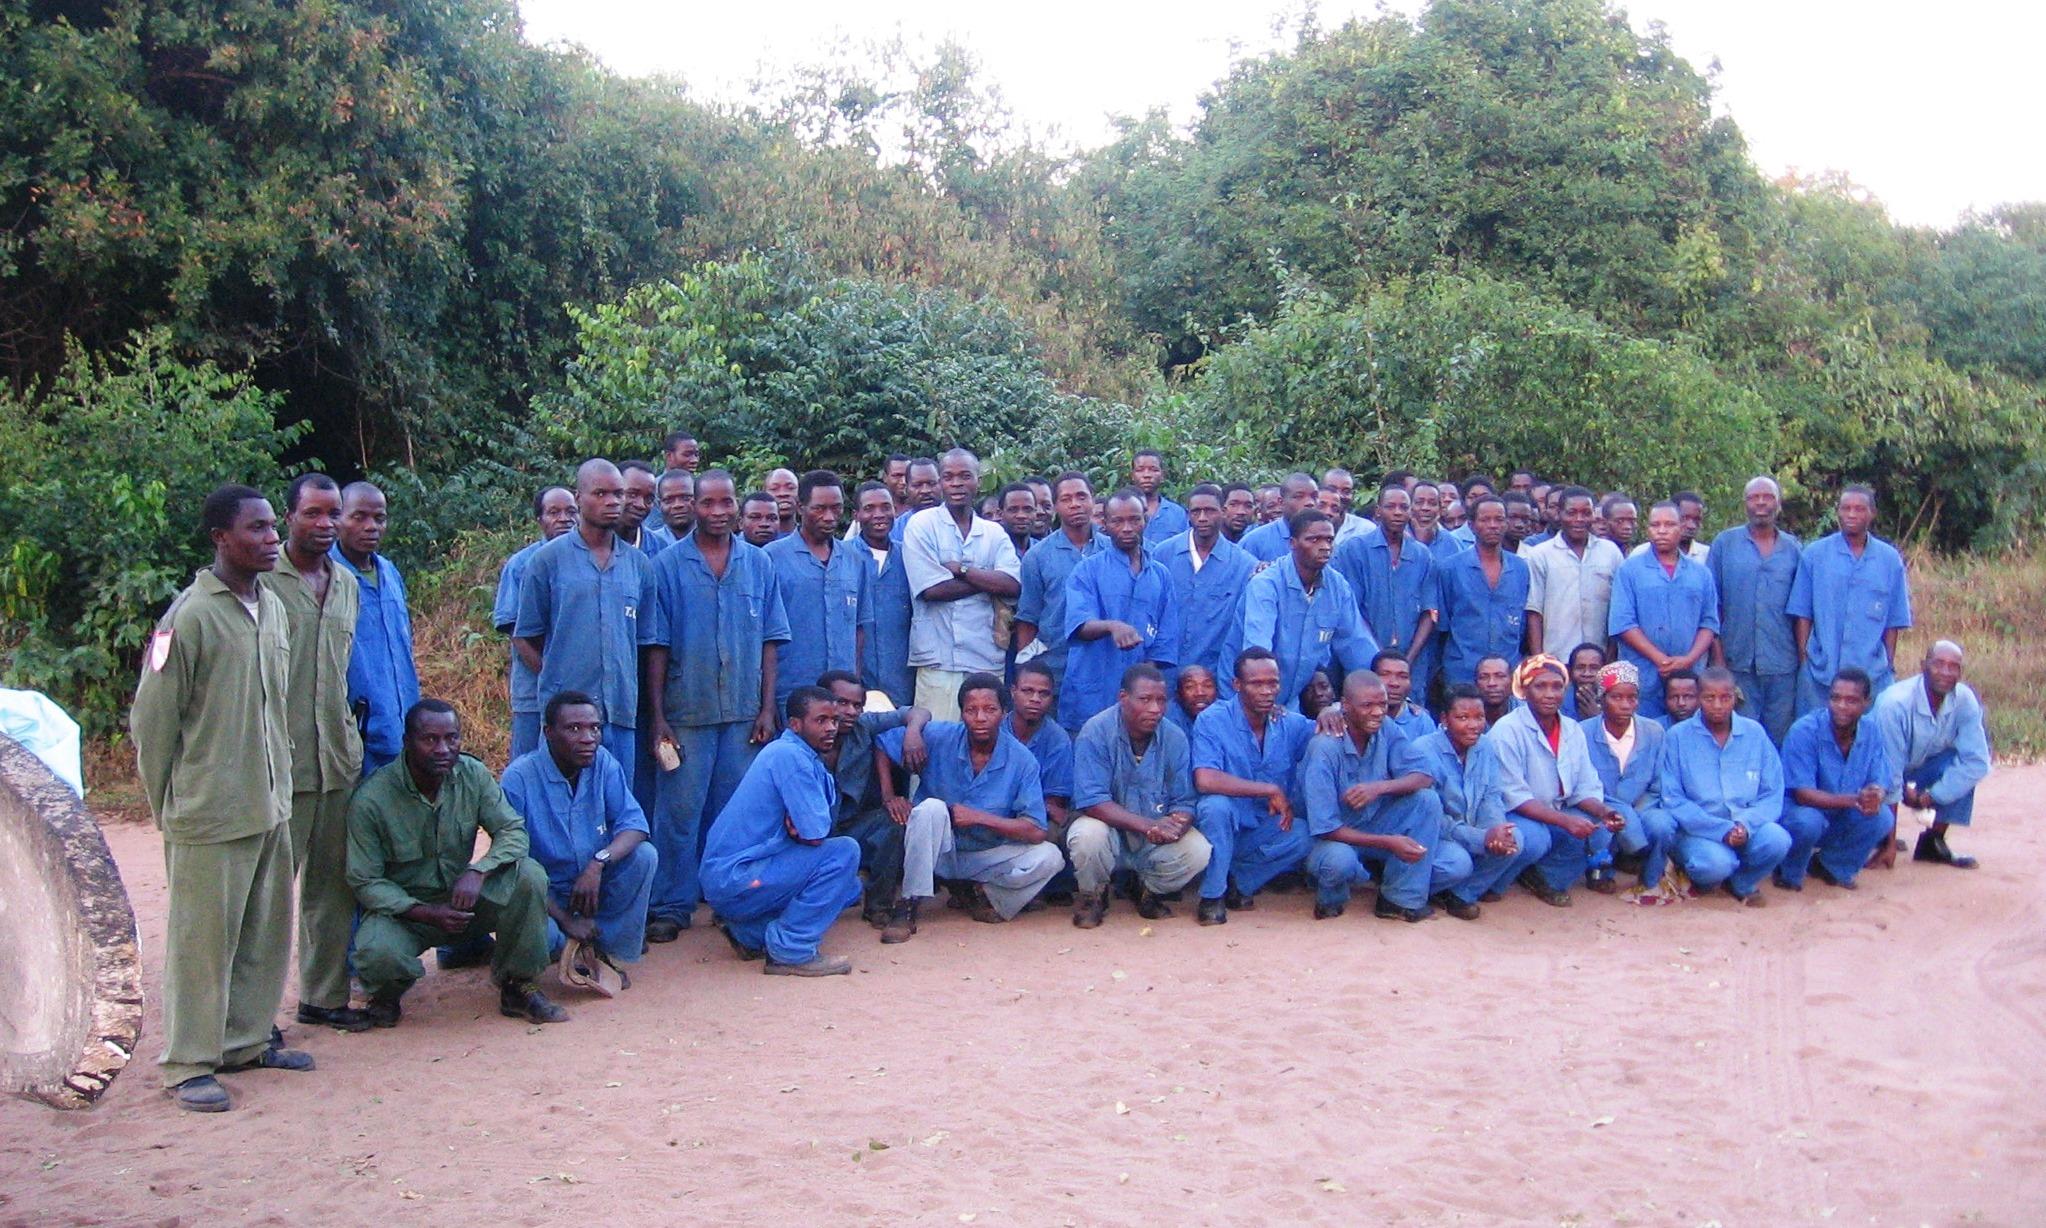 The Catapu team